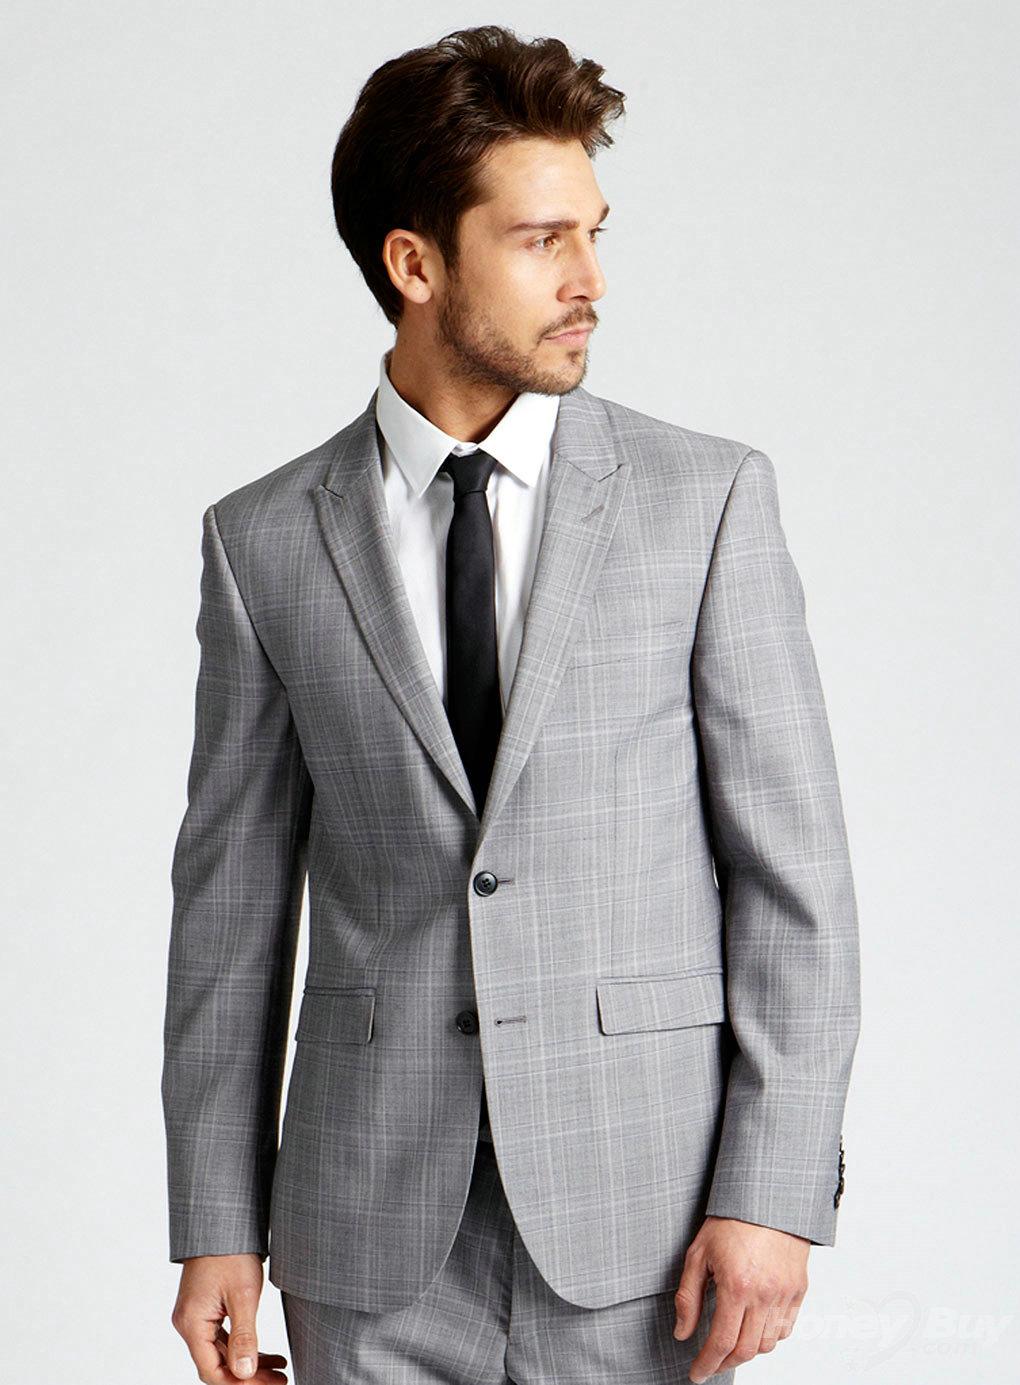 business suits for men stylish peak lapel plaid men suits haswkdi